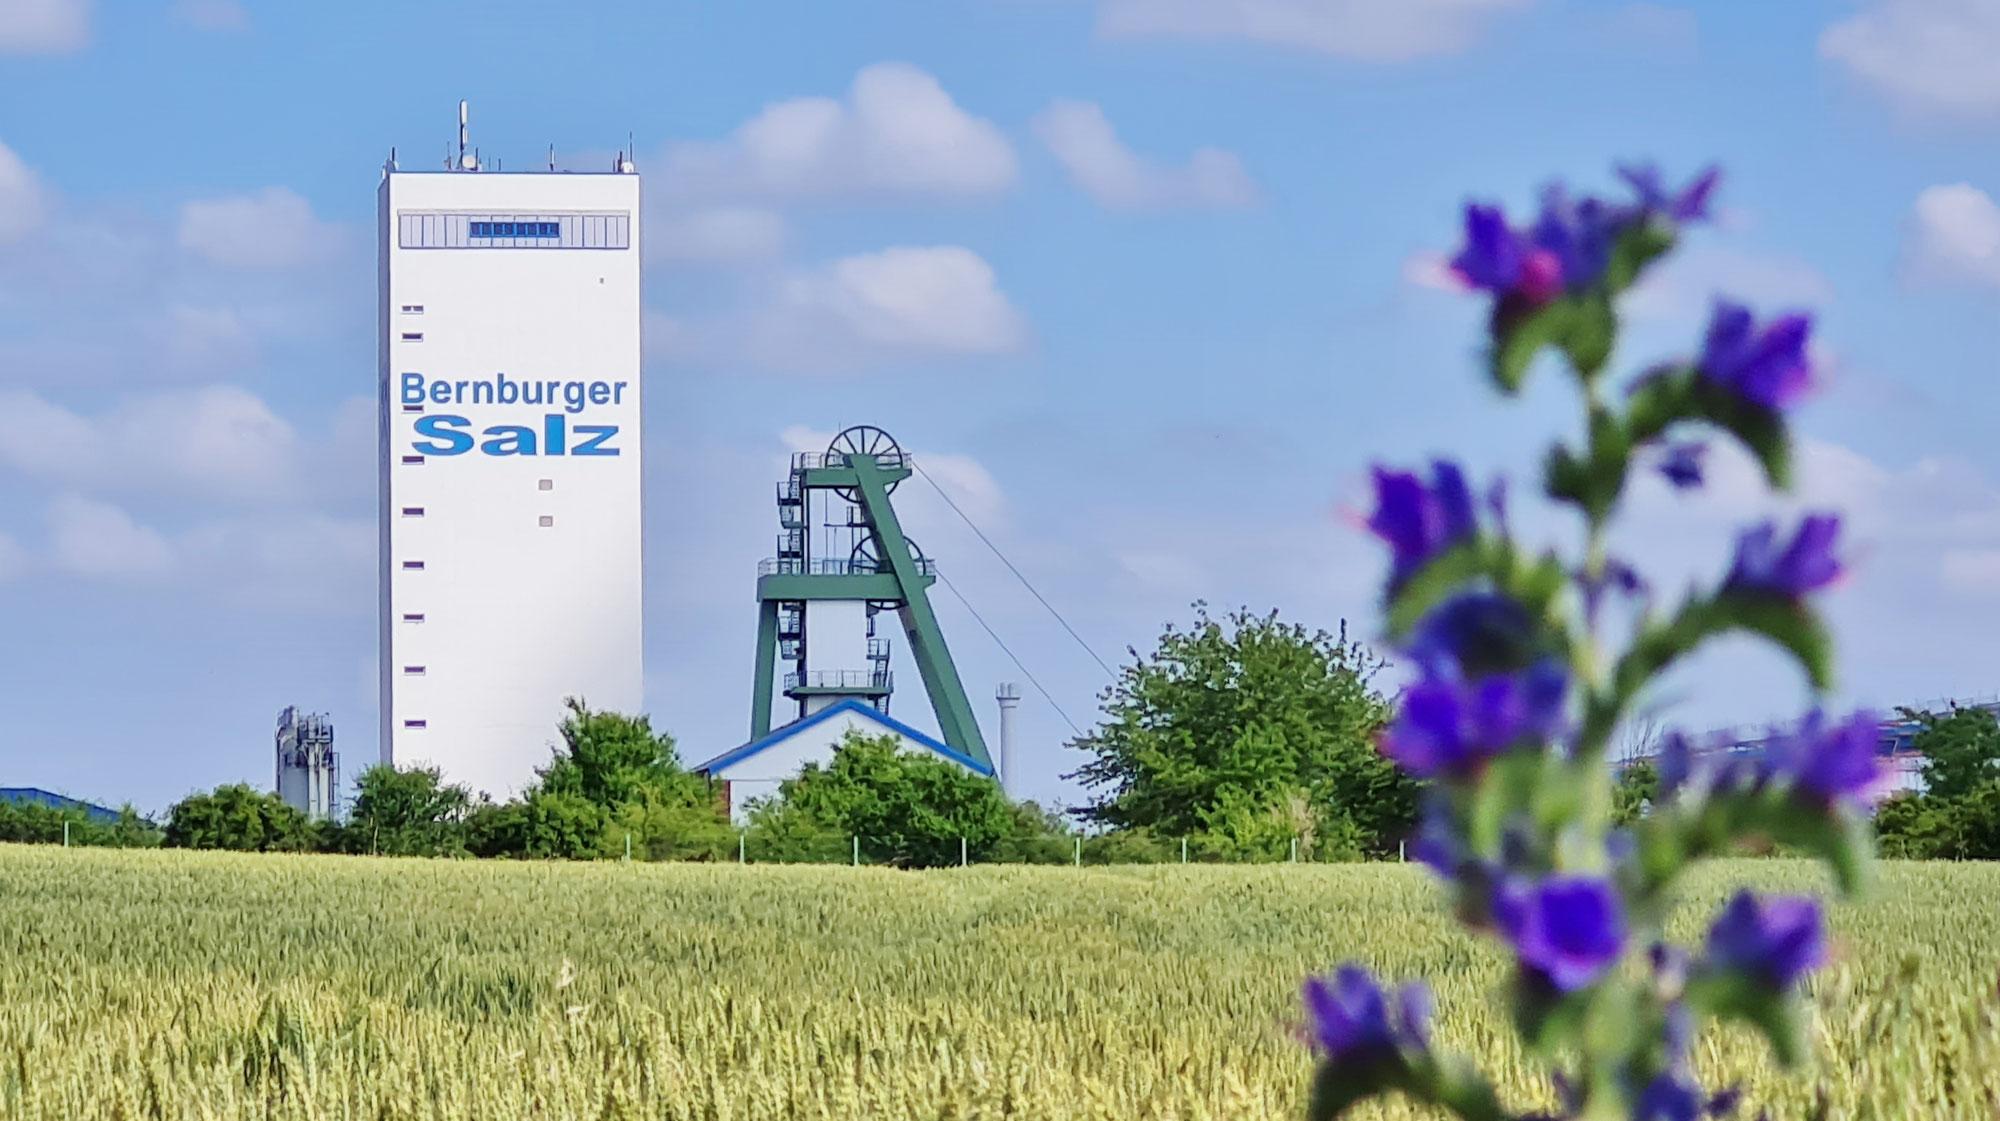 100 Jahre Bernburger Salz, noch Vorräte für viele Jahrzehnte